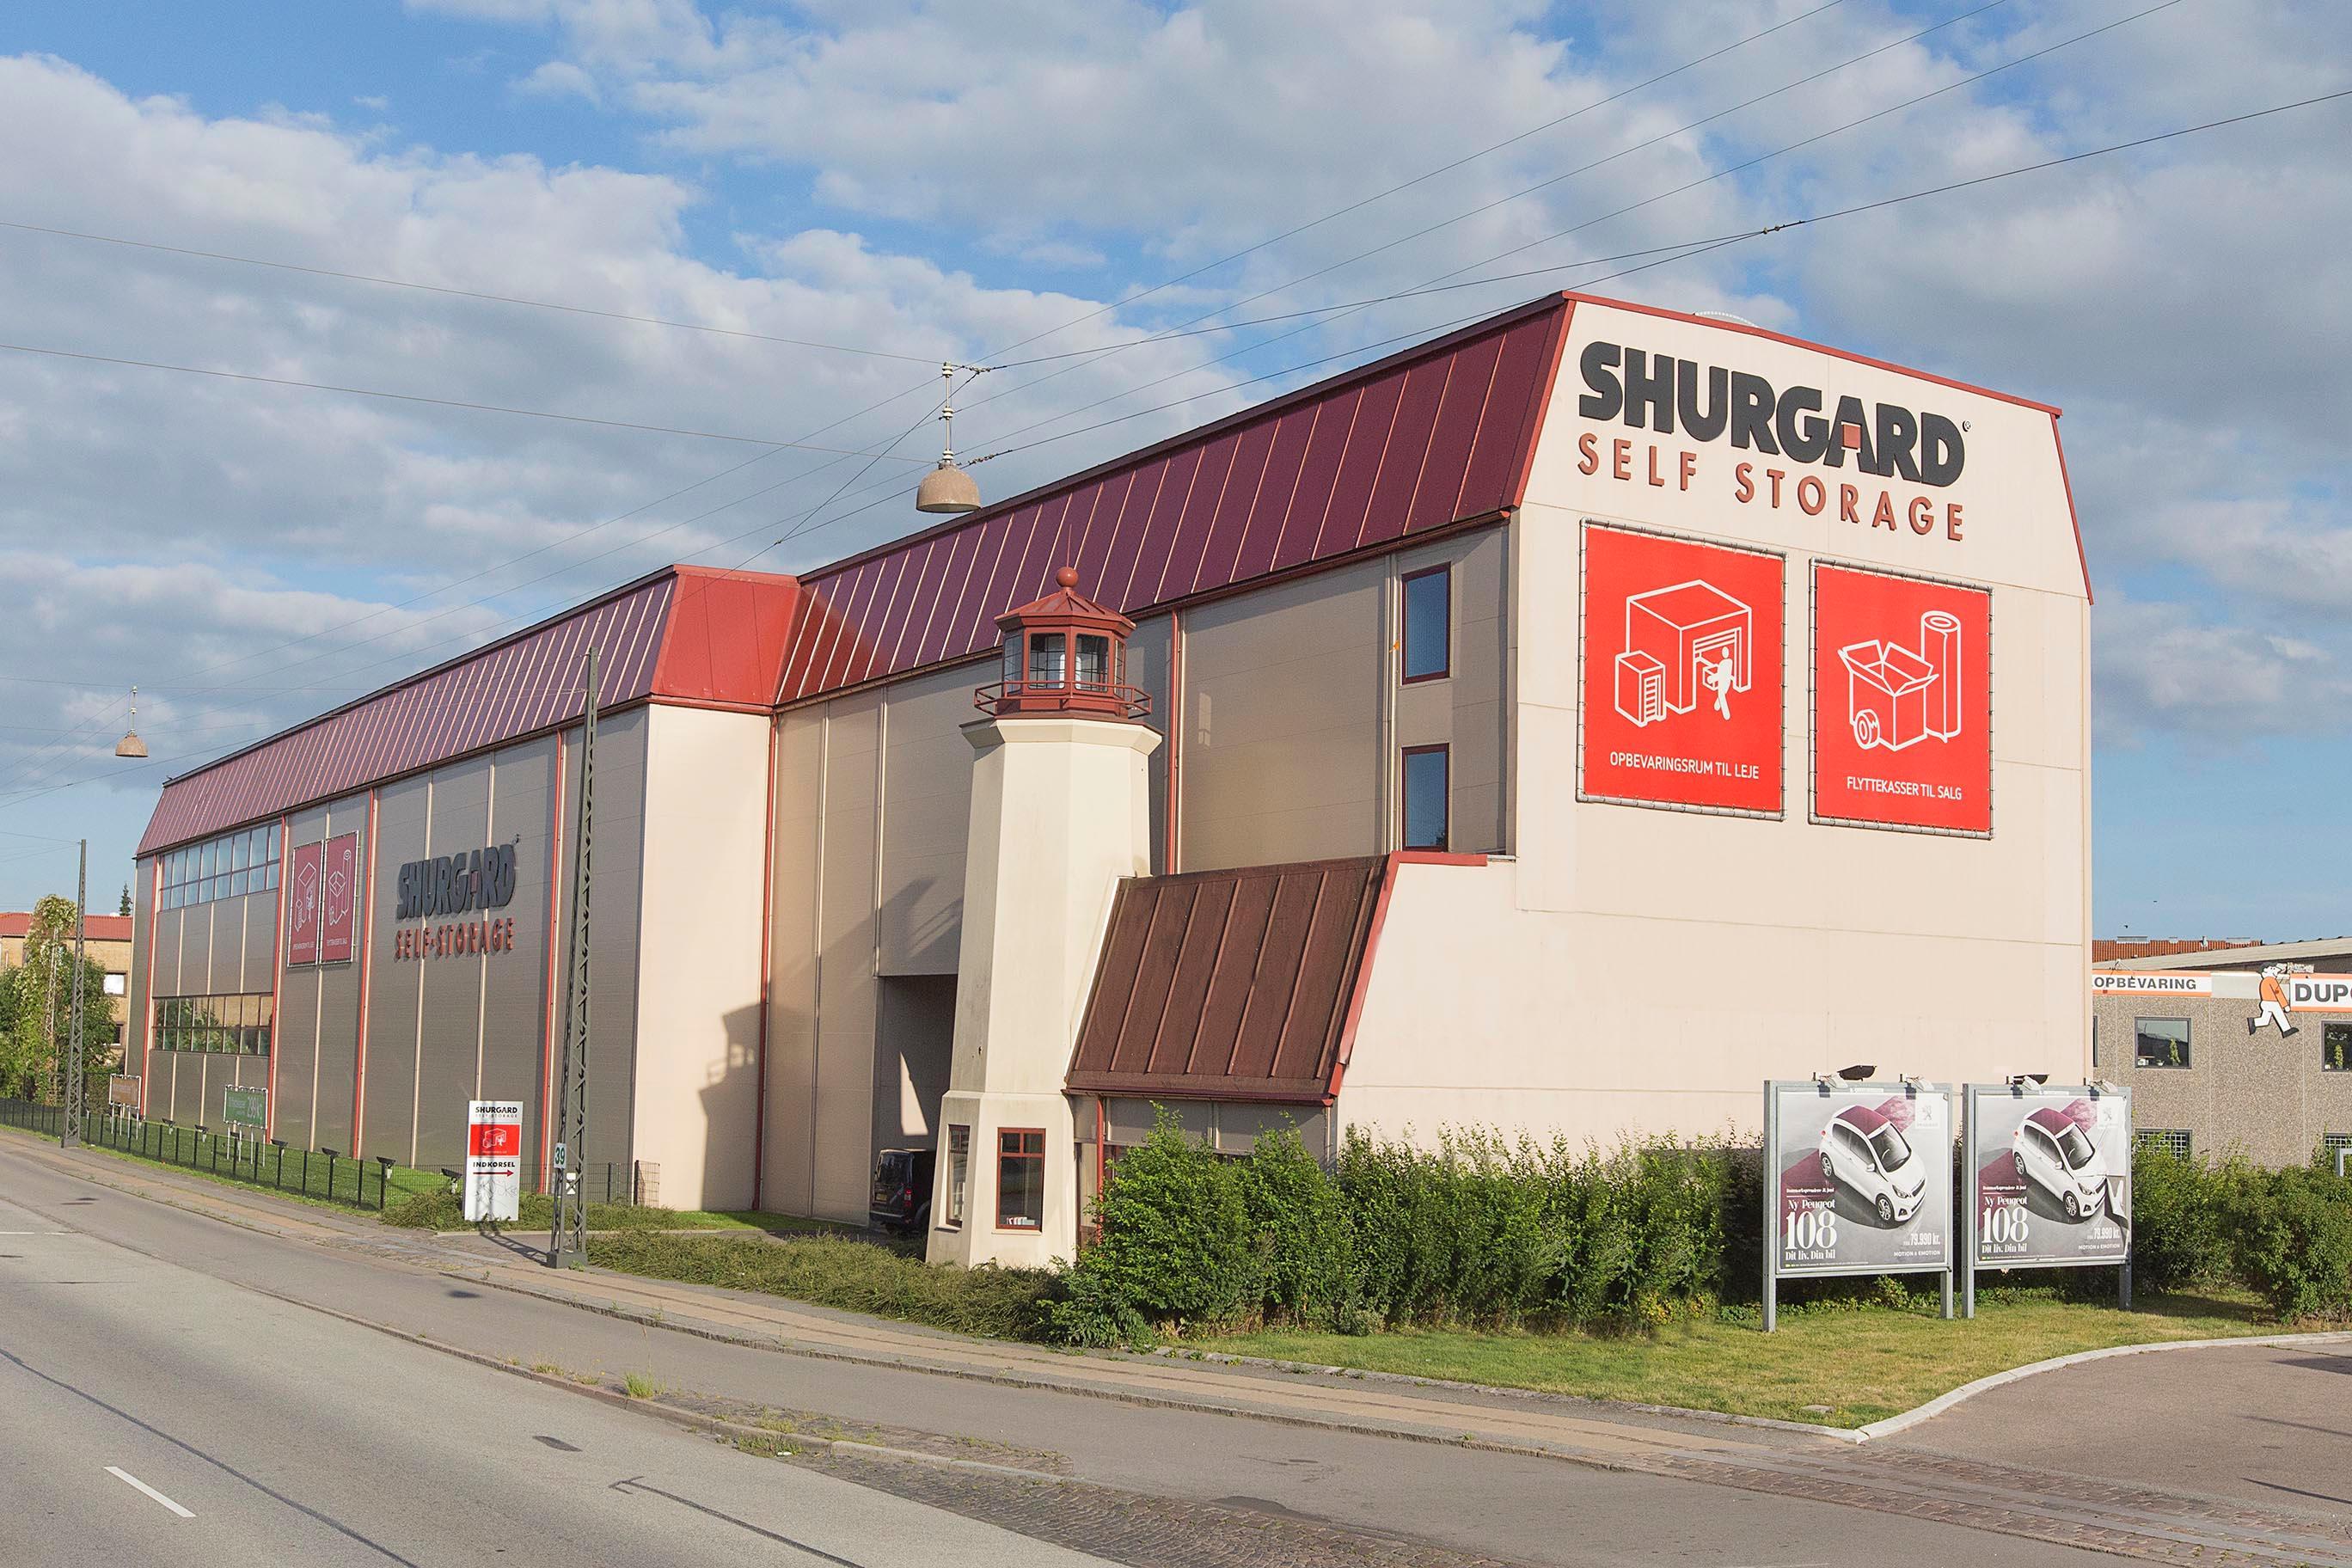 Shurgard Self-Storage Valby - Sydhavnen